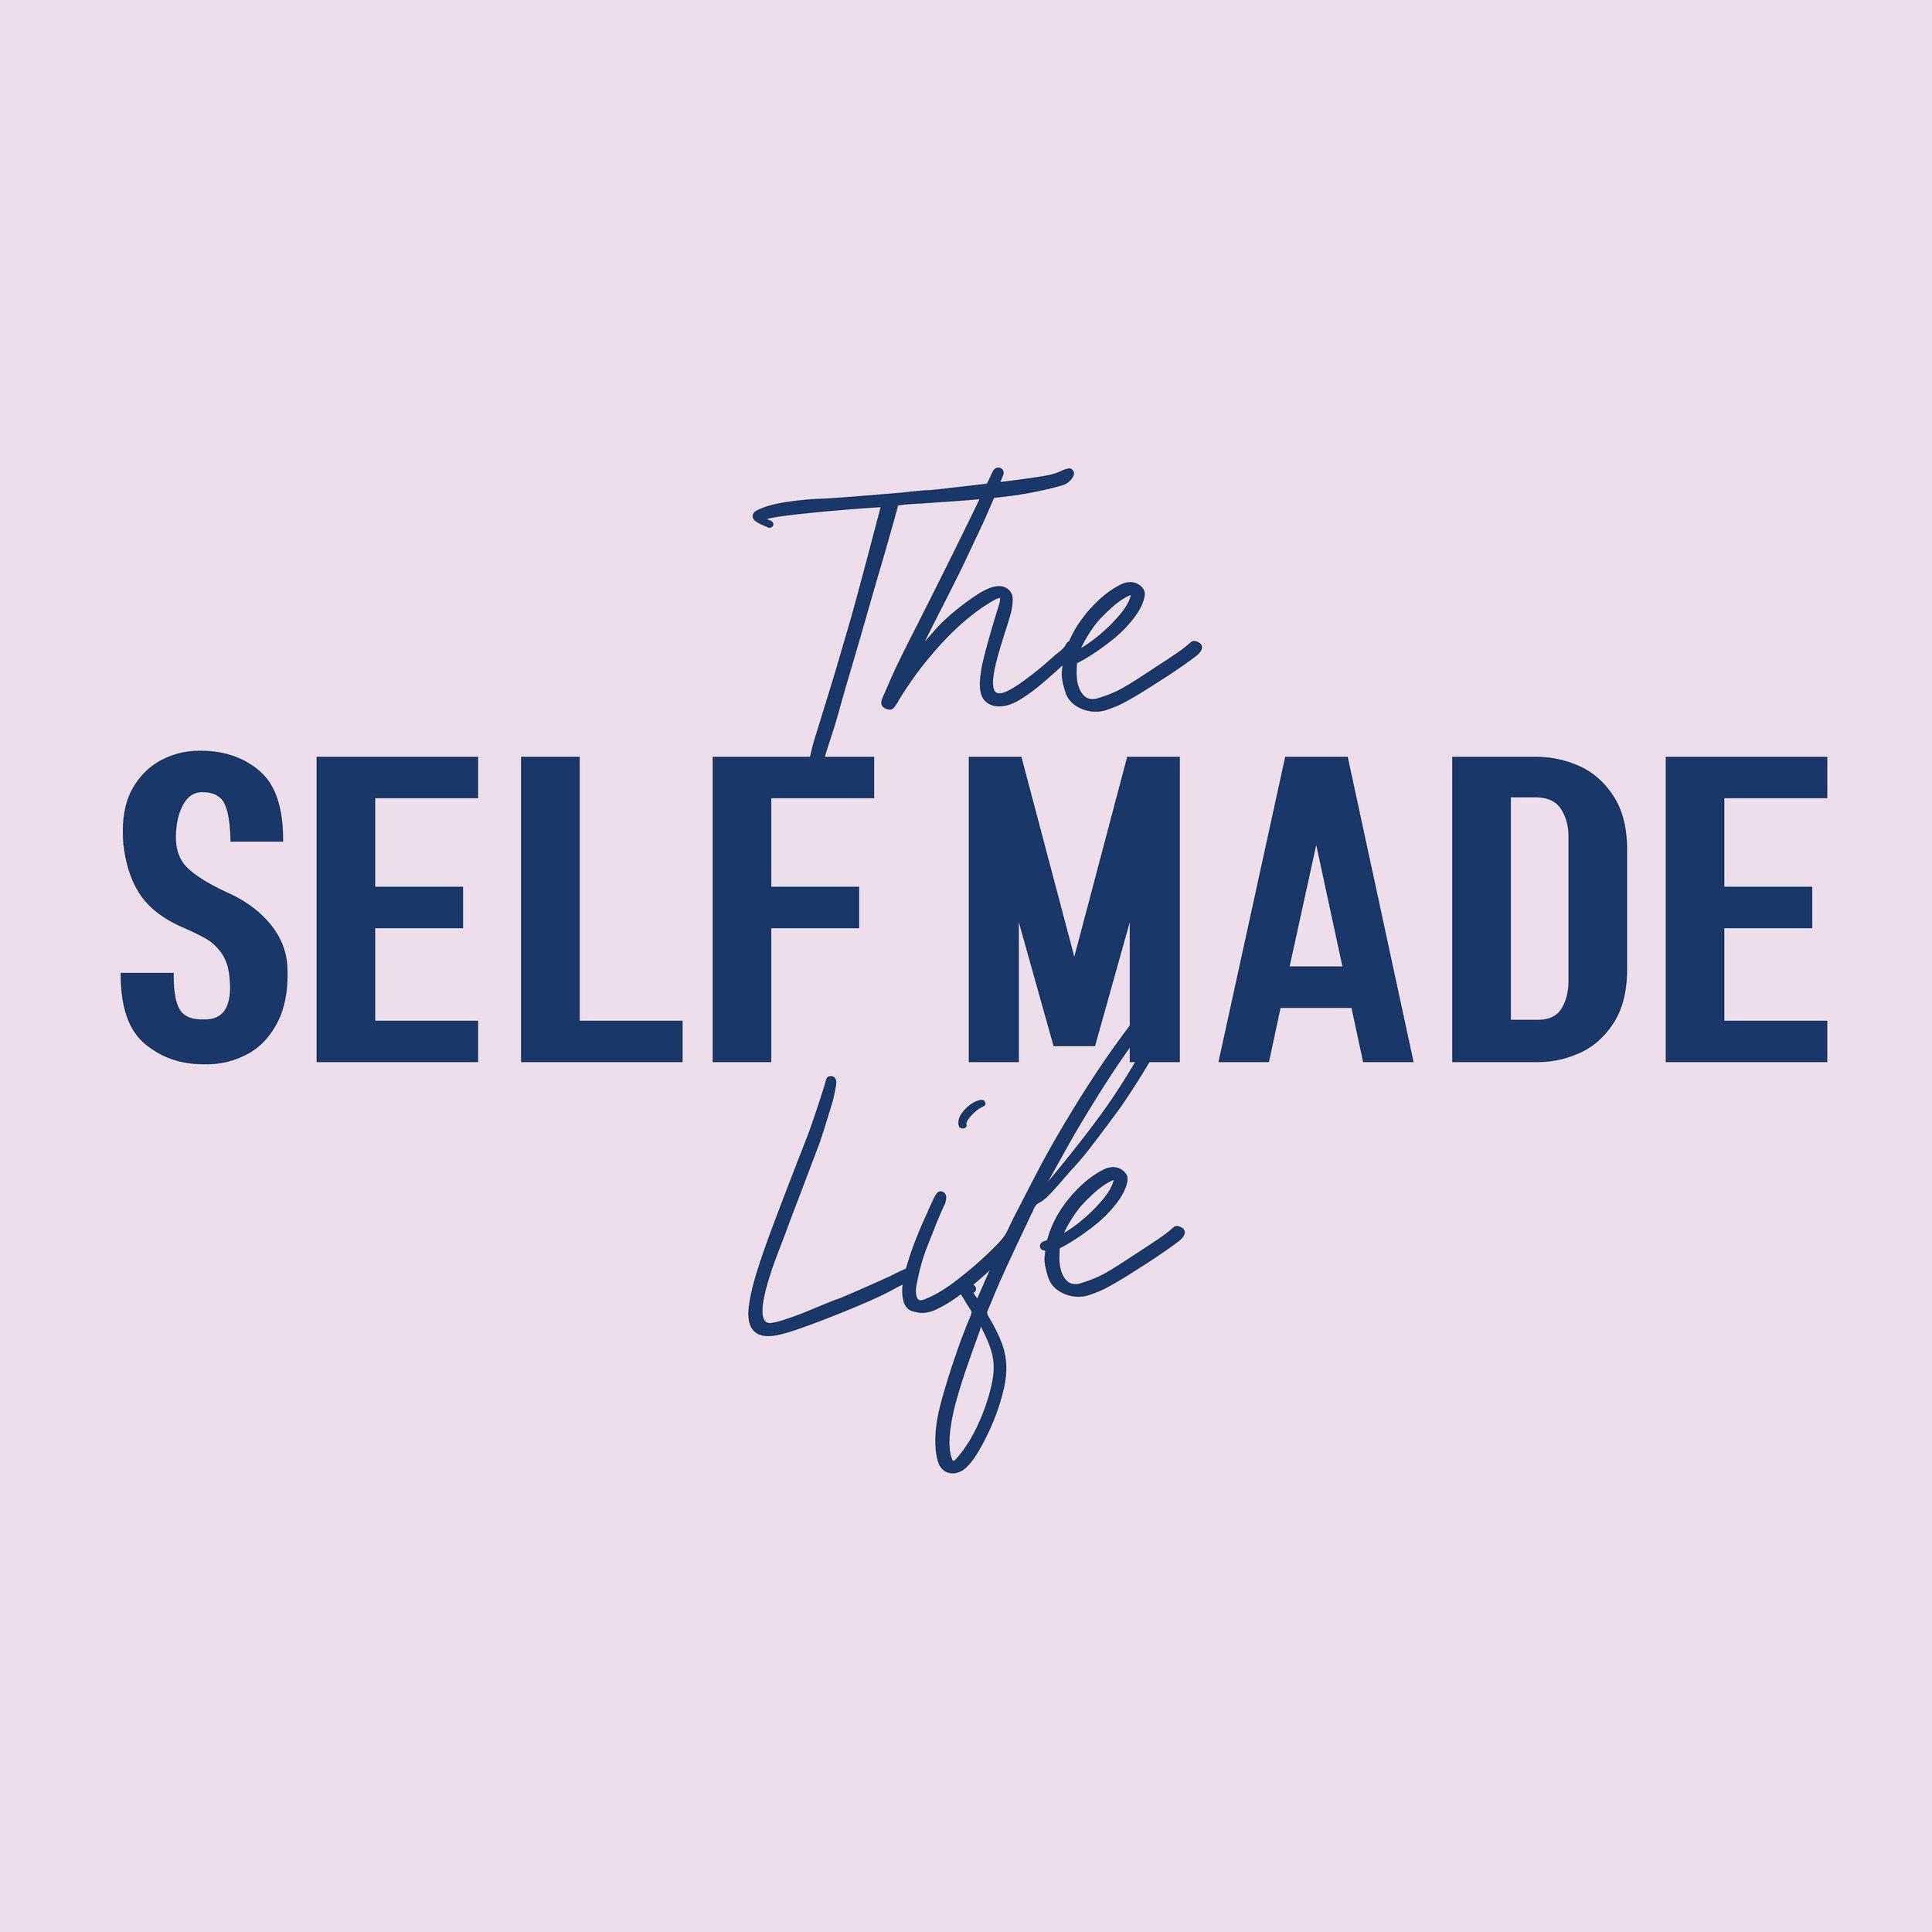 selfmadelife-podcast-logos-01.jpg